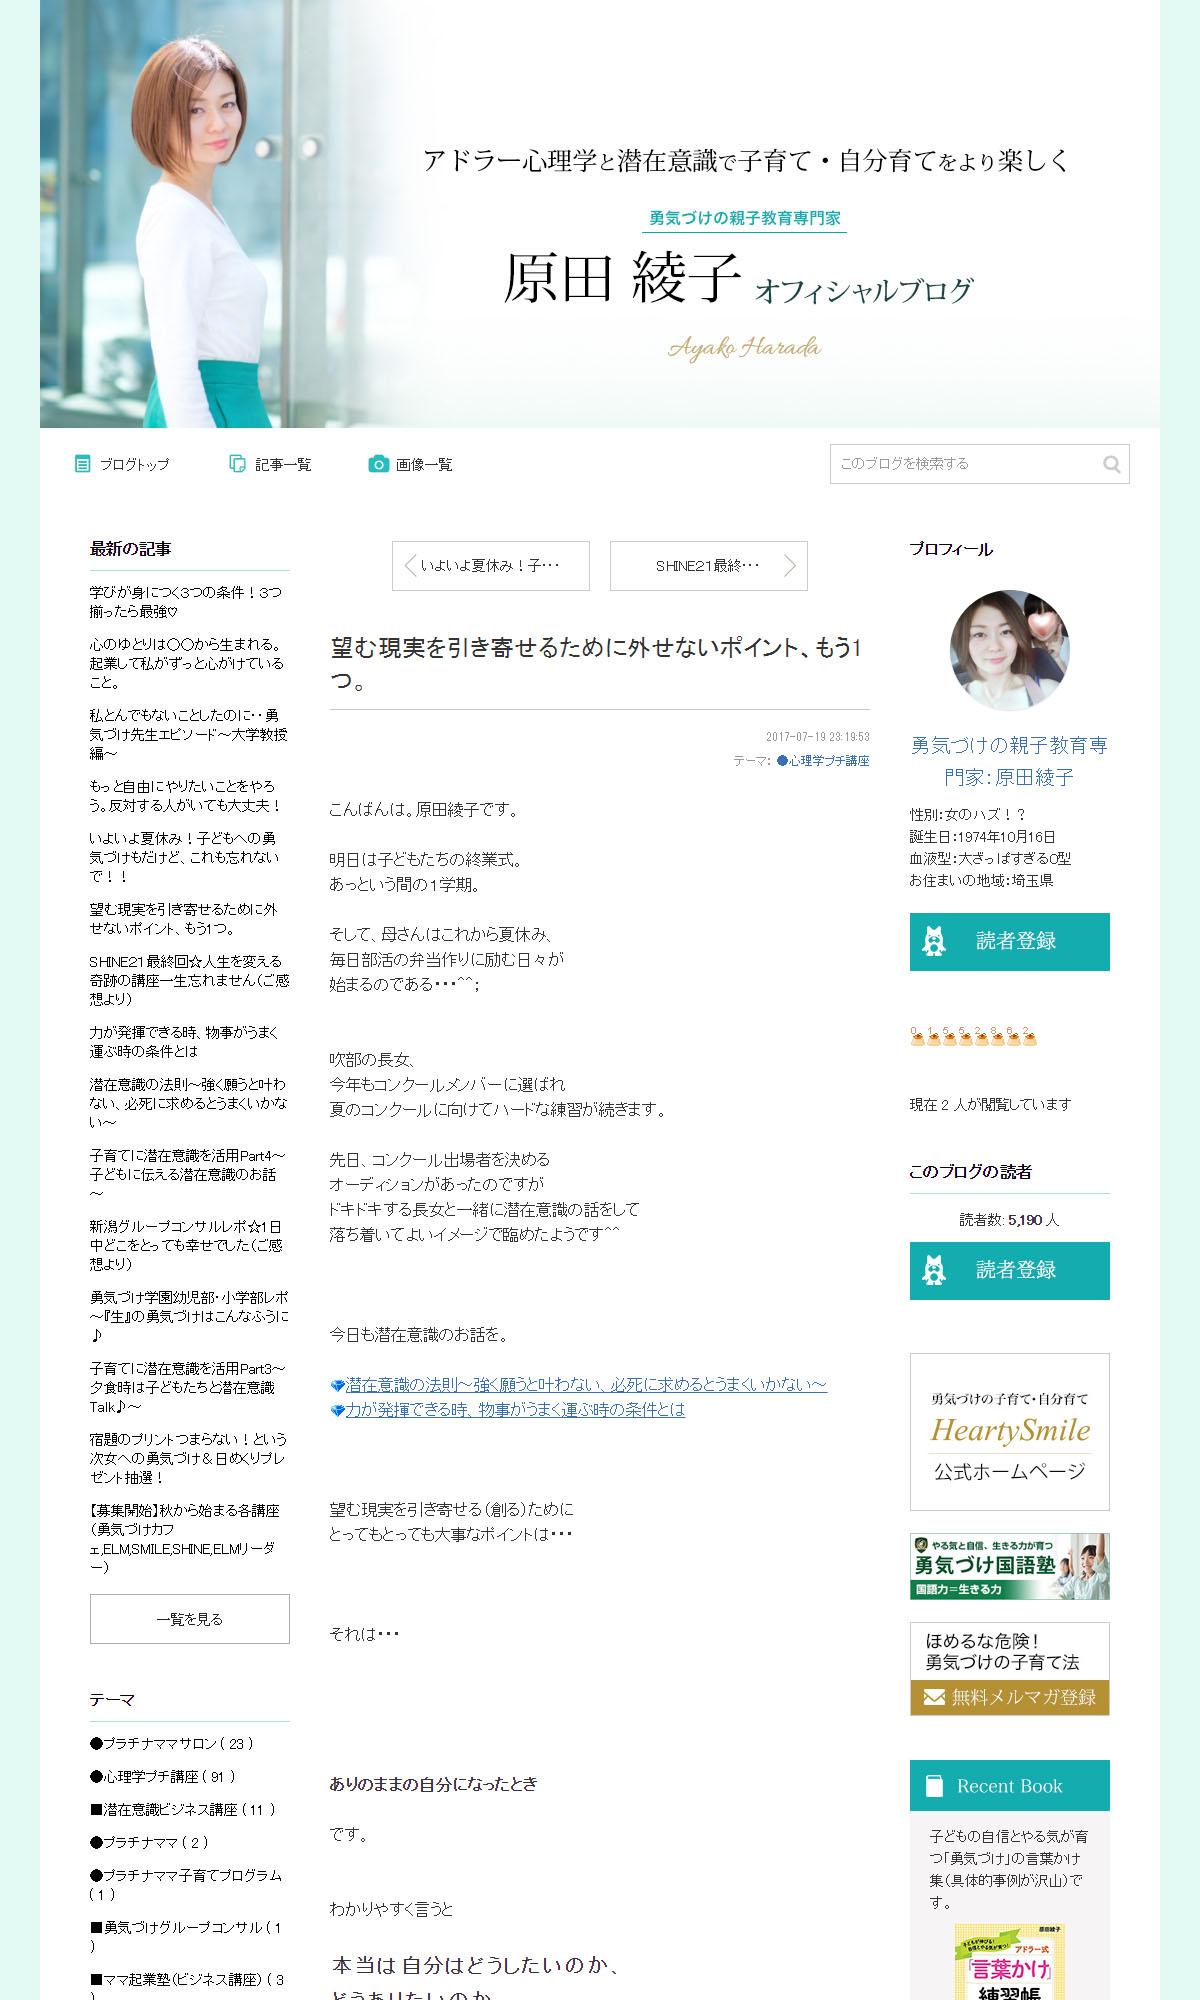 原田綾子 オフィシャルブログ